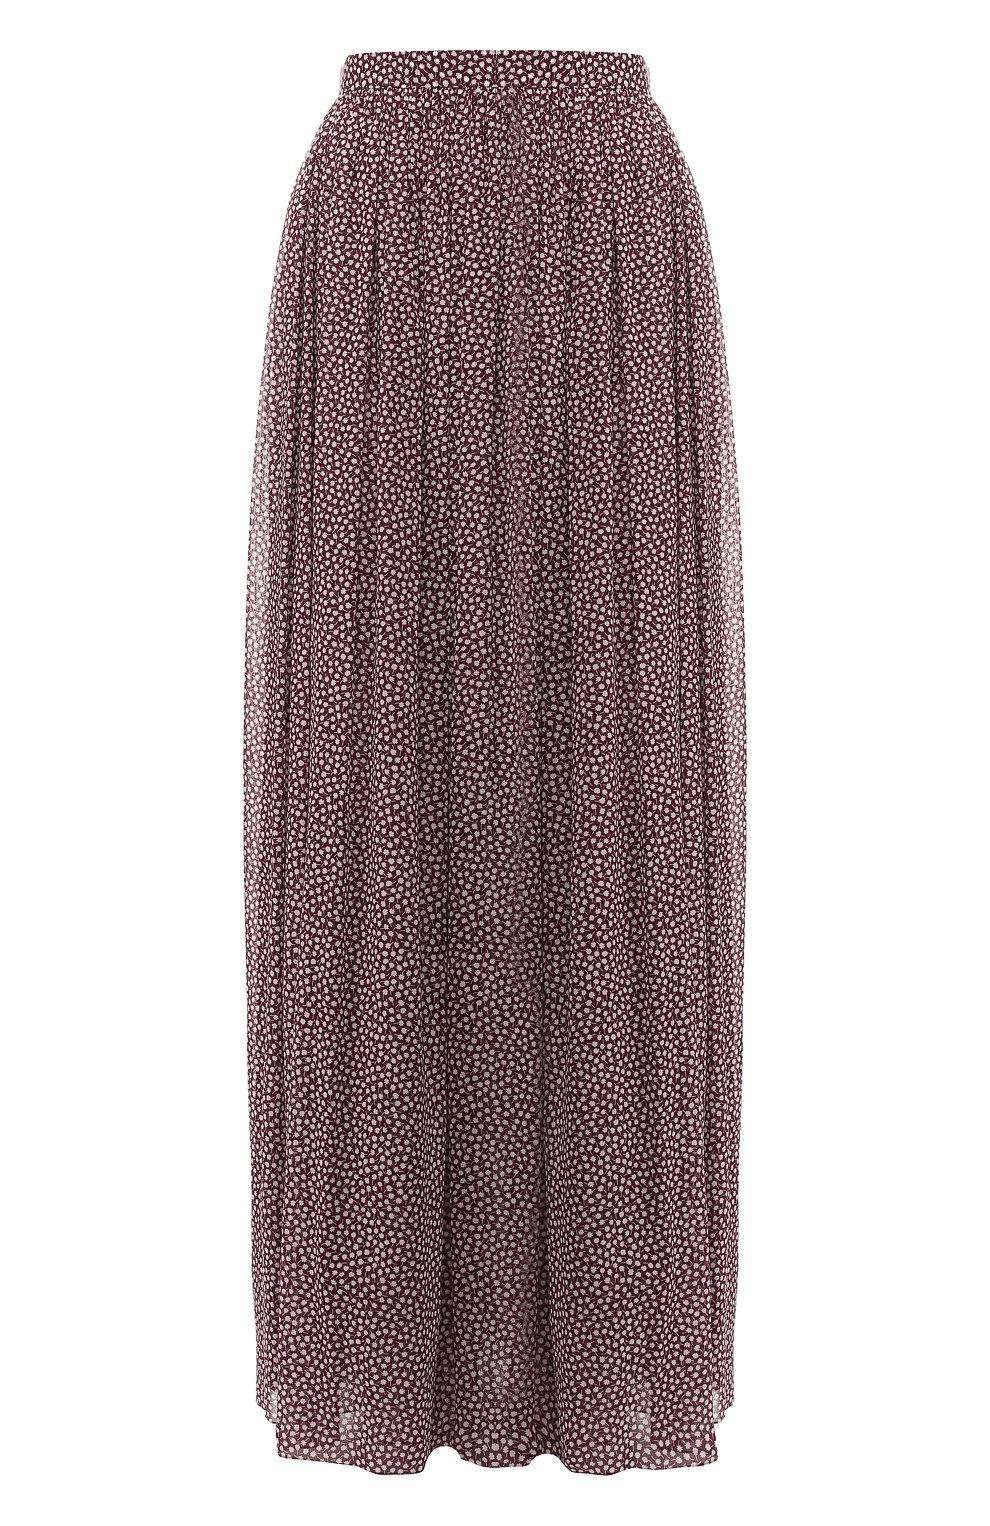 43212300cdd Женская бордового шелковая юбка-макси с принтом ALEXANDER TEREKHOV